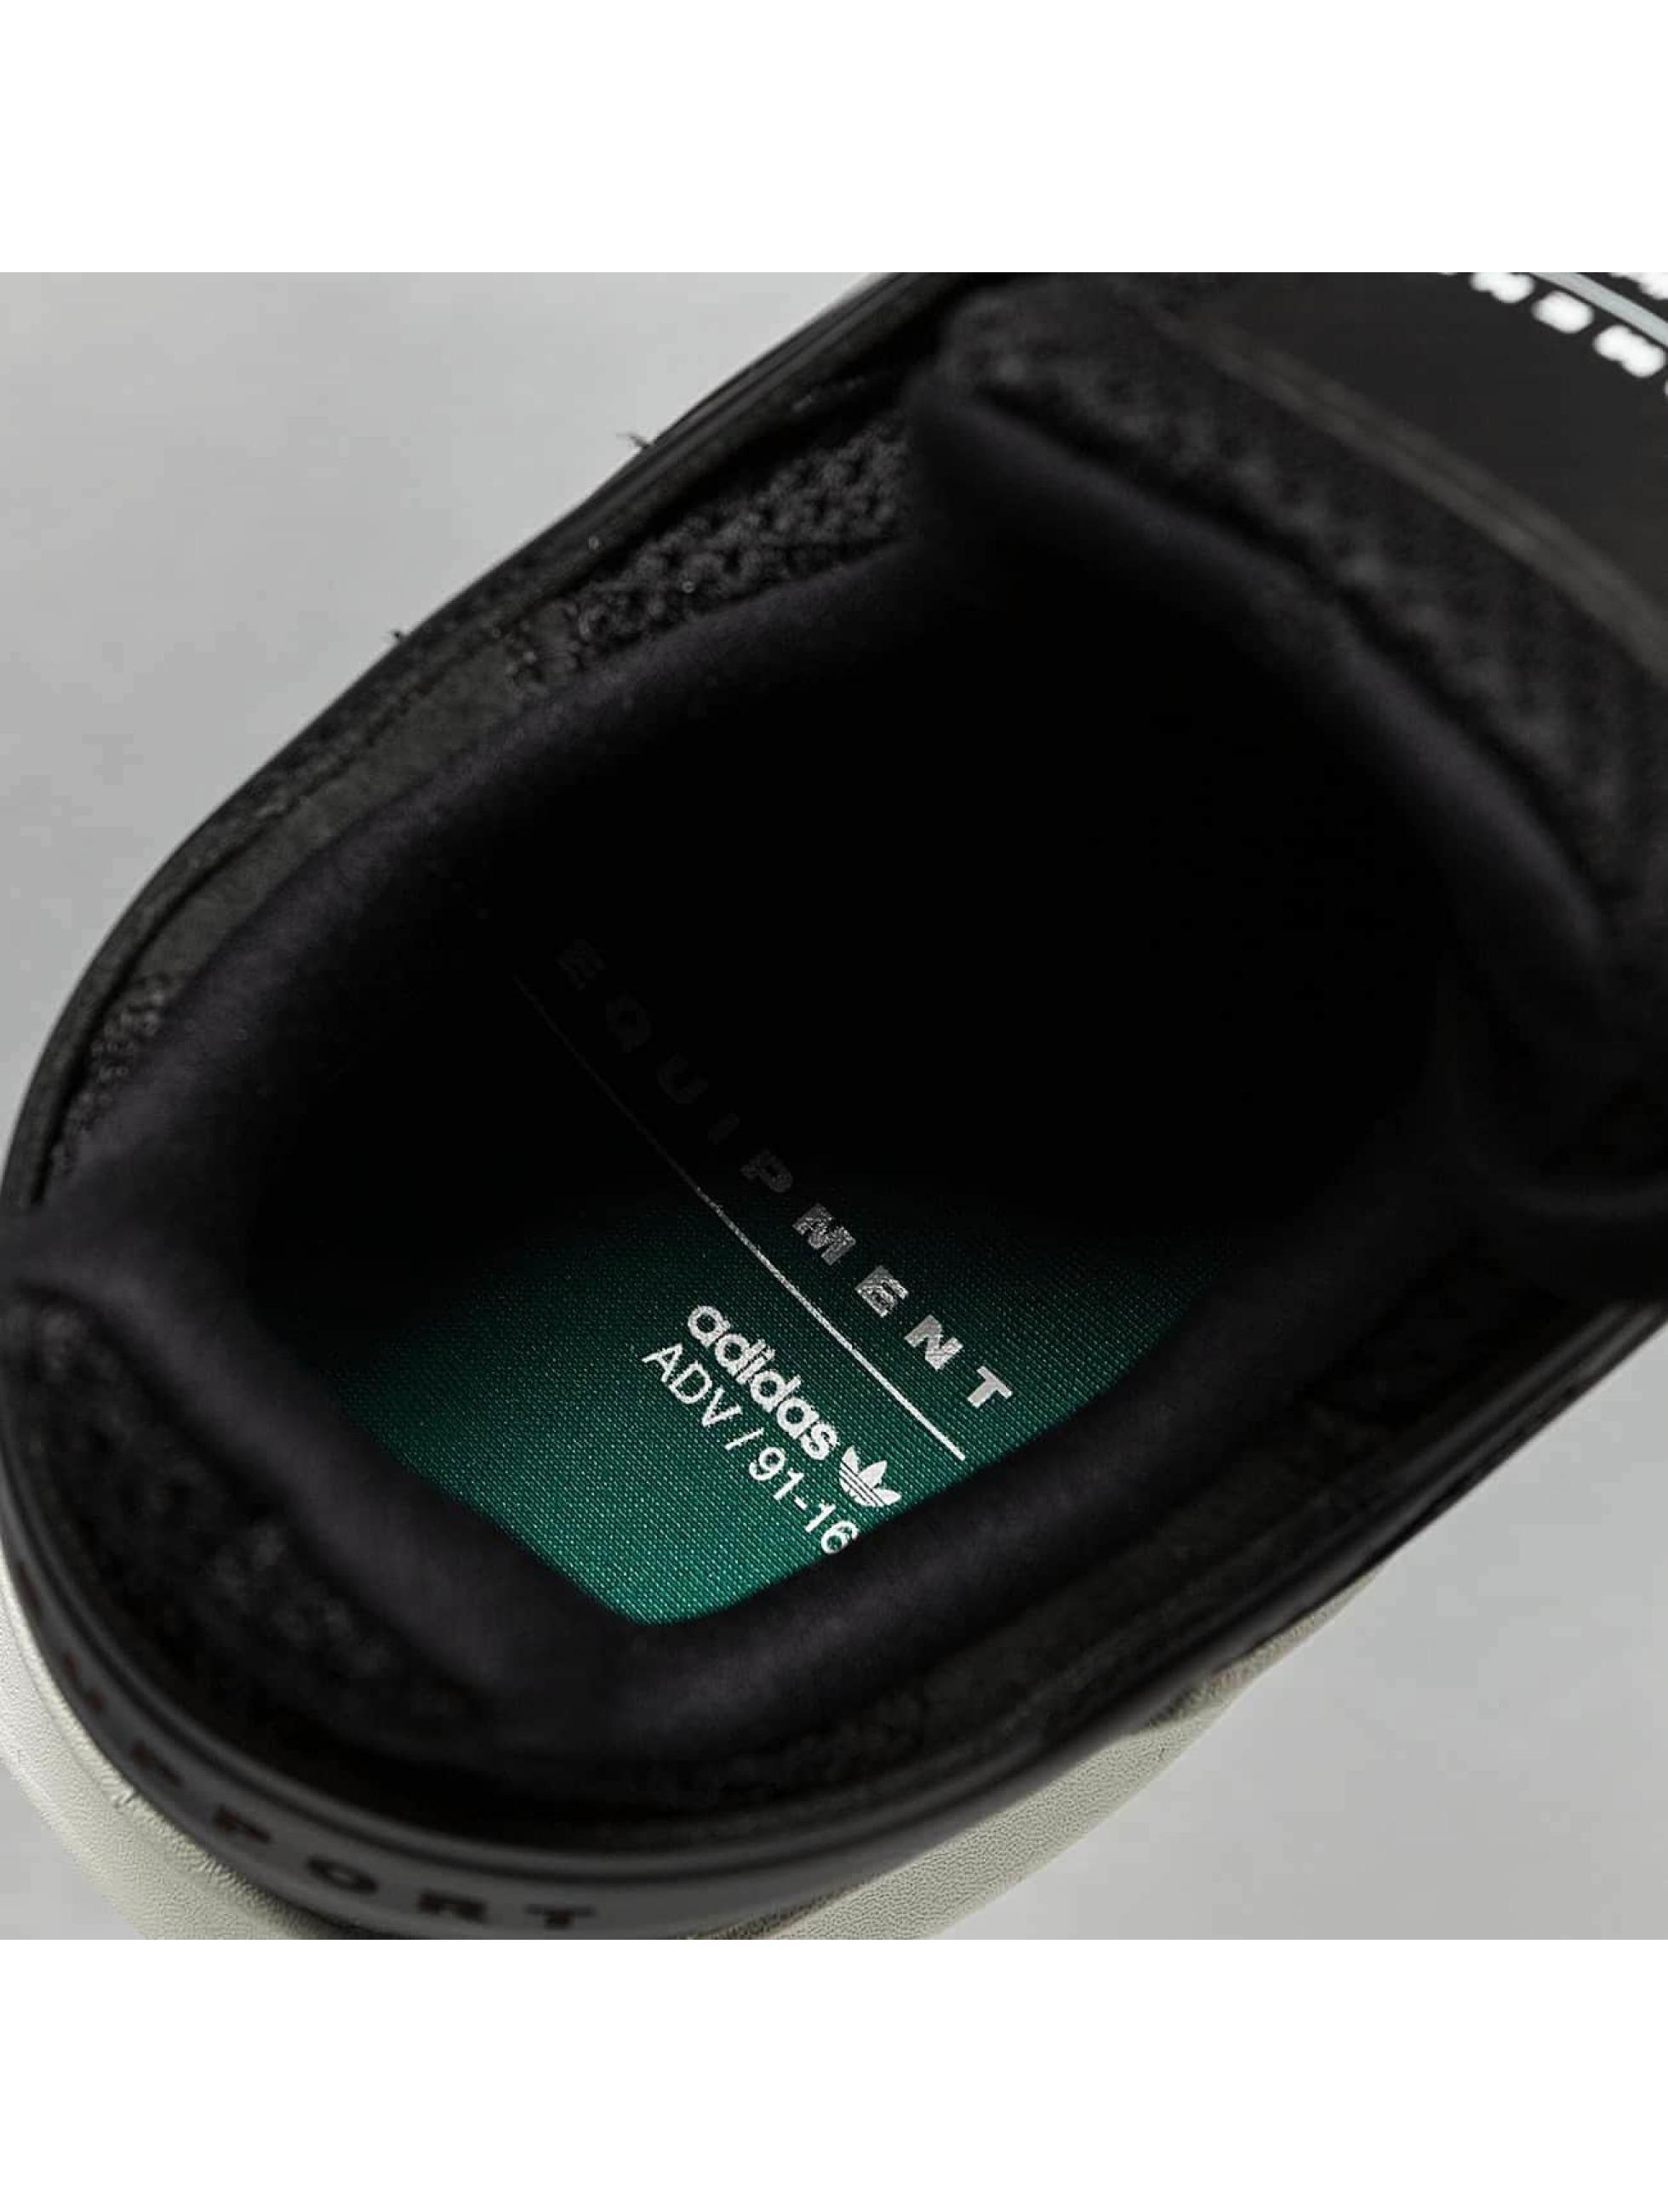 adidas originals Sneakers Equipment Support ADV black